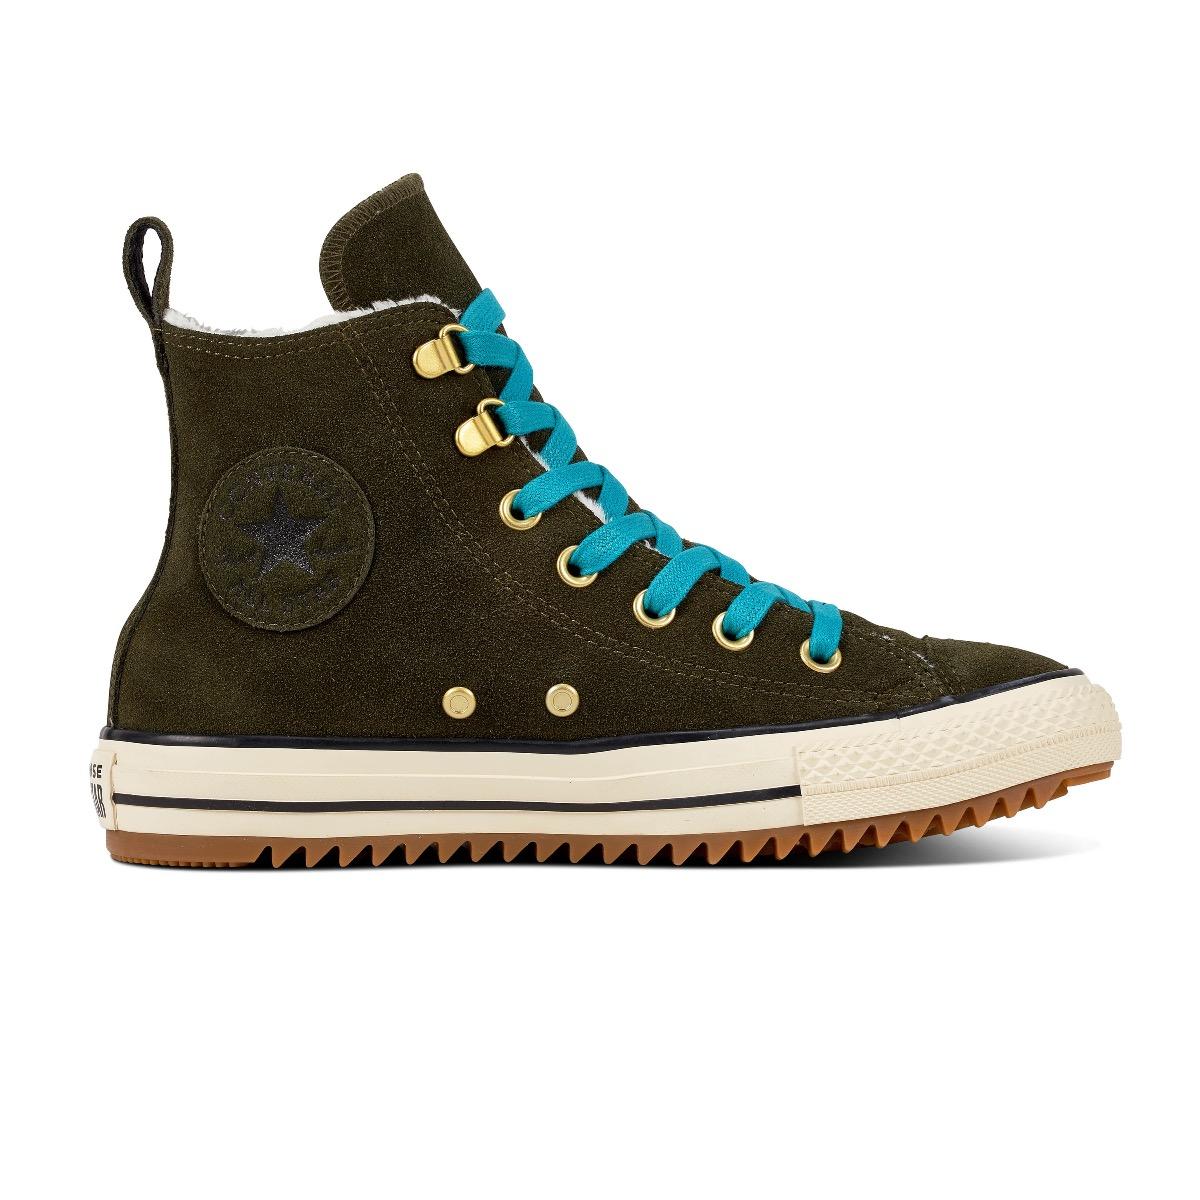 Converse All Stars Hiker Boot 162478C Groen-36